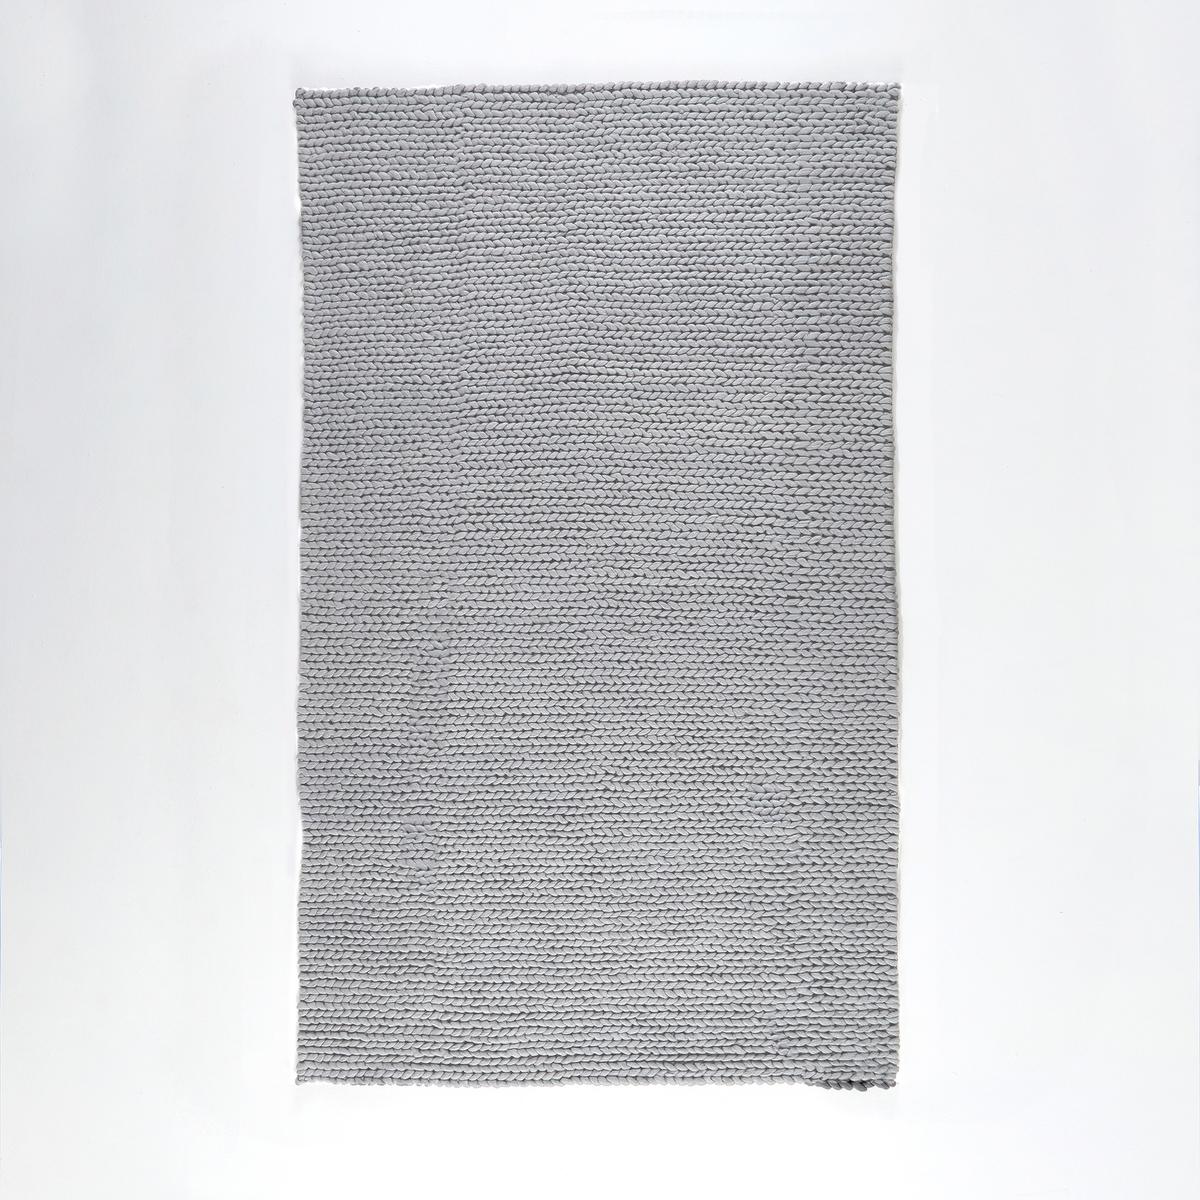 Коврик прикроватный Diano, 100% шерсть, с эффектом трикотажной тканиКоврик прикроватный Diano, 100% шерсть, с эффектом трикотажной ткани  . Невероятно мягкий прикроватный коврик из 100% шерсти ! Красивый натуральный трикотаж .Характеристики прикроватного коврика из 100% шерсти с эффектом трикотажной ткани, Diano   :Очень высокое качество : 100% шерсти, 3400 г/м?.2 варианта расцветки : экрю и серый.Вы можете найти коврик  Diano на laredoute .ruРазмеры прикроватного коврика из 100% шерсти с эффектом трикотажной ткани, Diano    :Ширина : 60 смДлина : 110 смСоветы по уходу :Прикроватные коврики из шерсти могут терять ворс в течение первых месяцев использования. Это не дефект производства. Это явление обычно проходит после одного-двух проходов коврика пылесосом (всегда двигайте пылесос в направлении ворса и никогда против ворса).<br><br>Цвет: антрацит,серый мышиный<br>Размер: 60 x 110  см